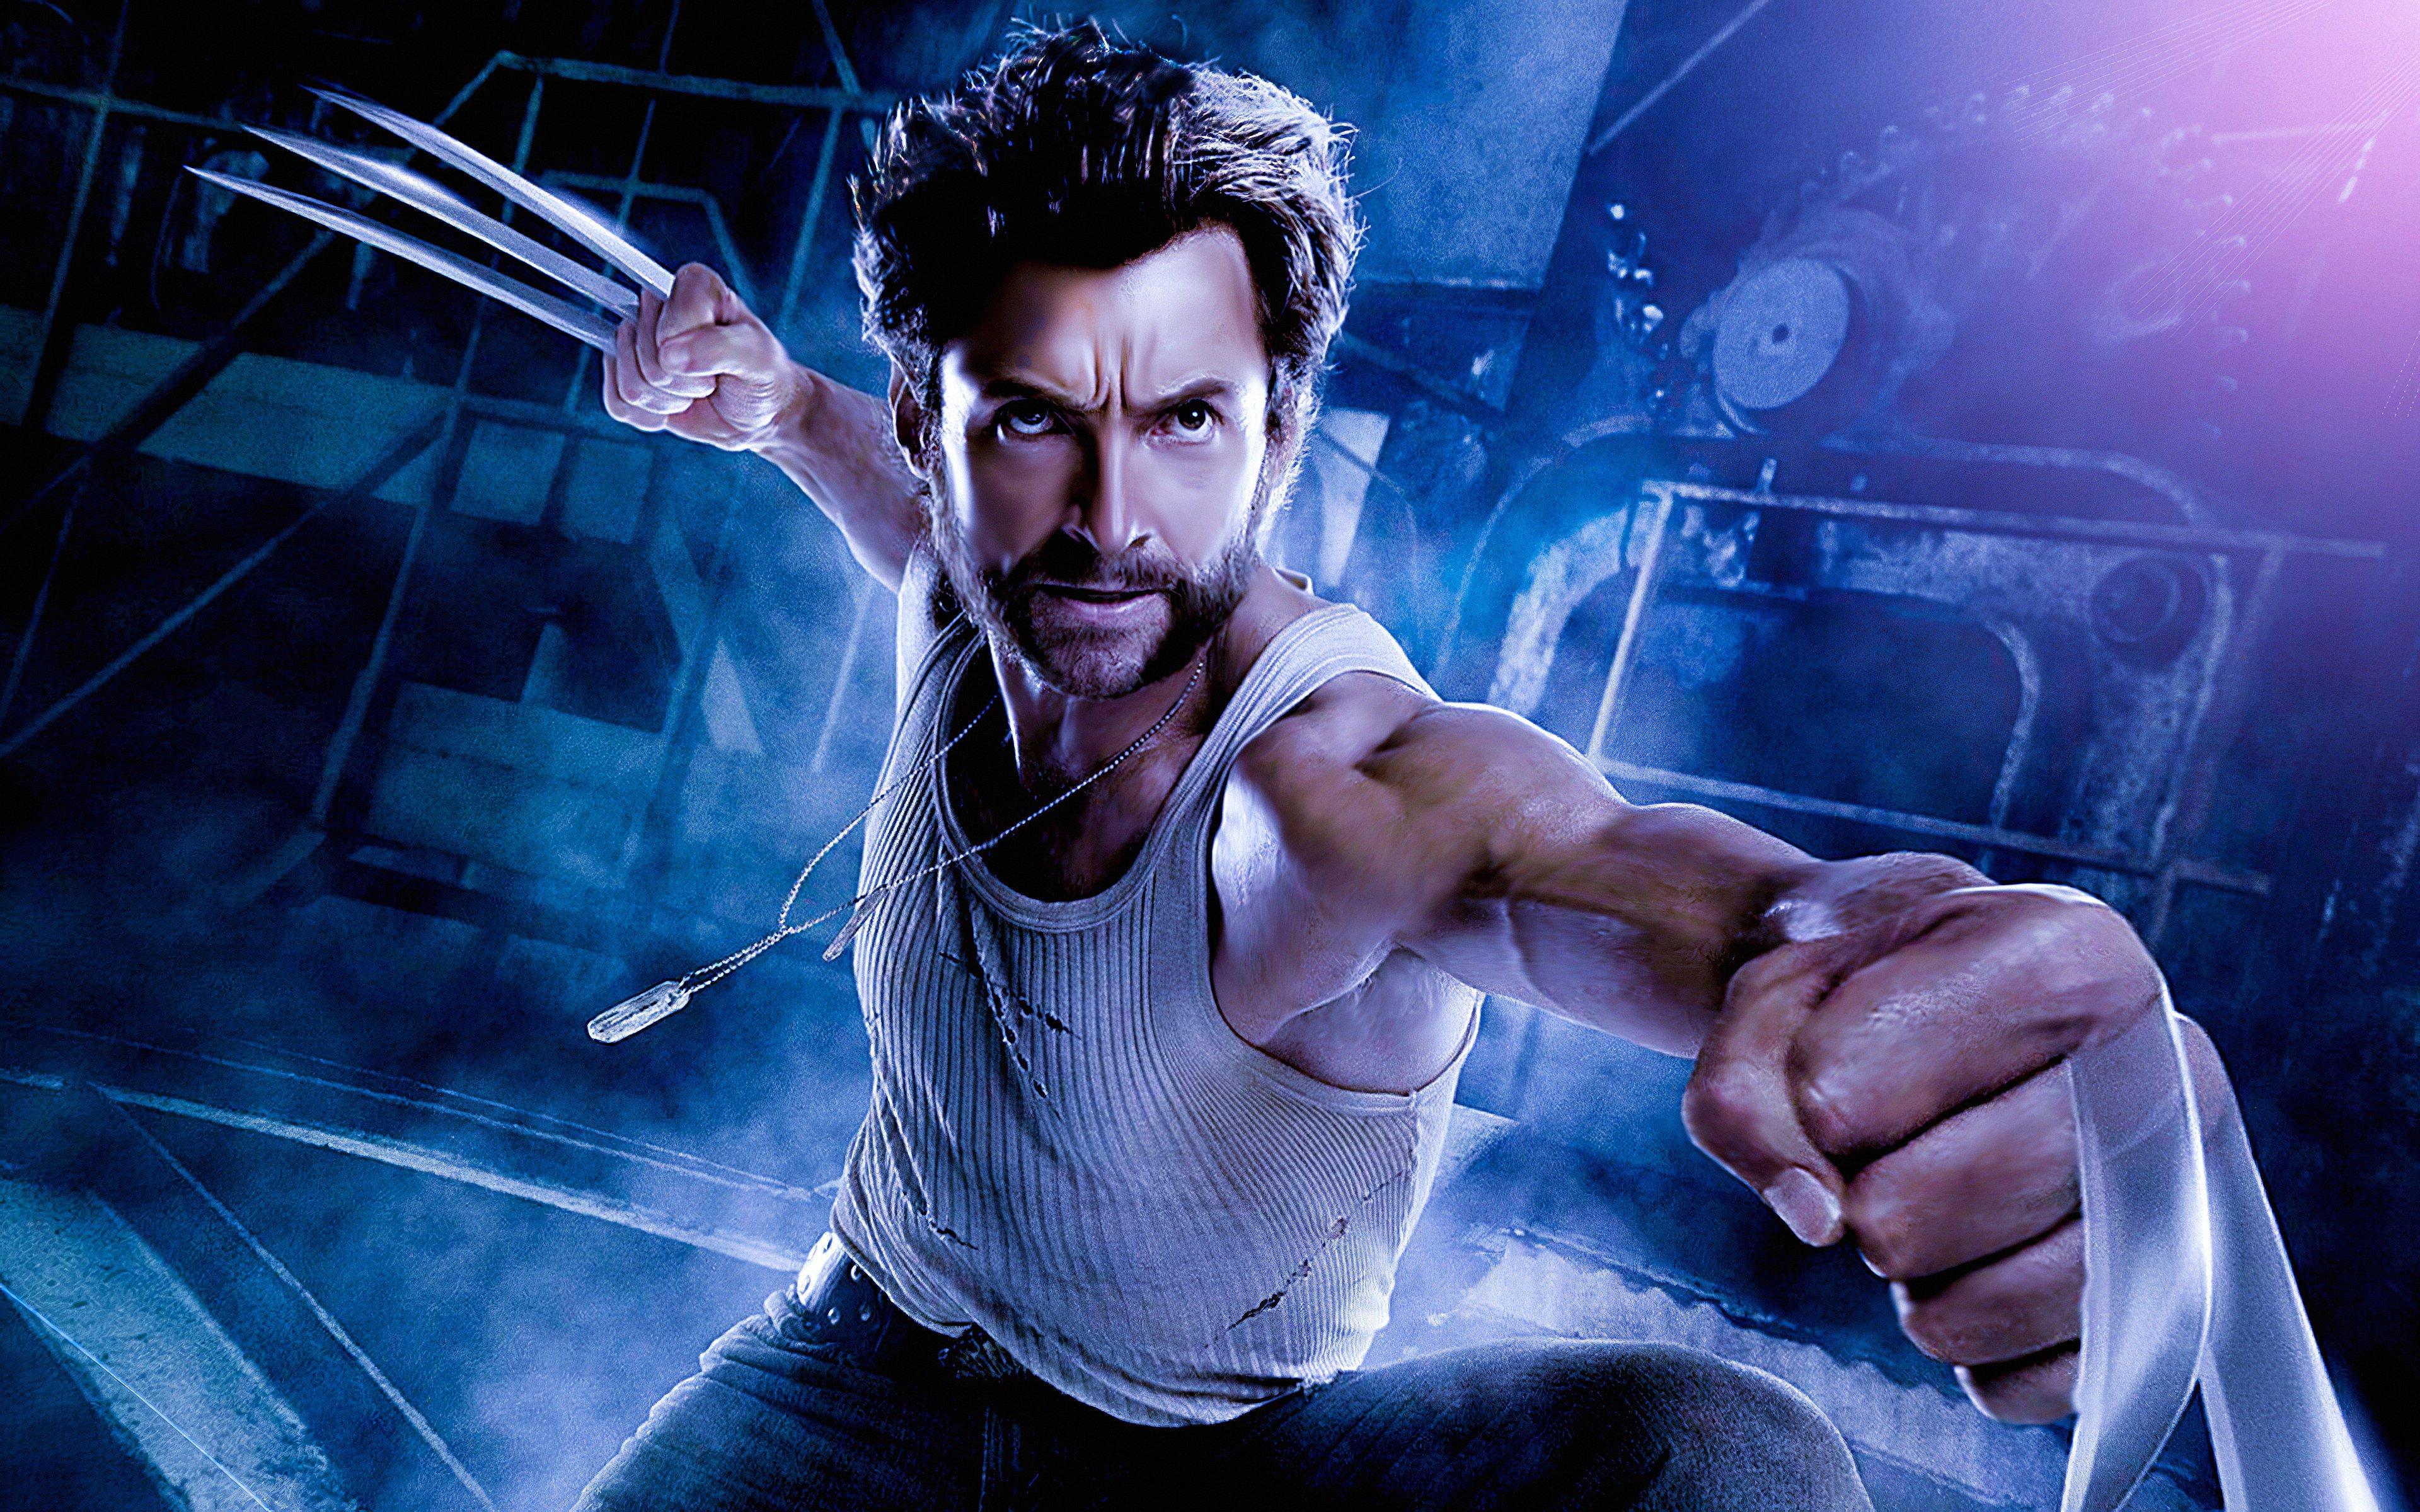 Fondos de pantalla Hugh Jackman como Wolverine arte digital